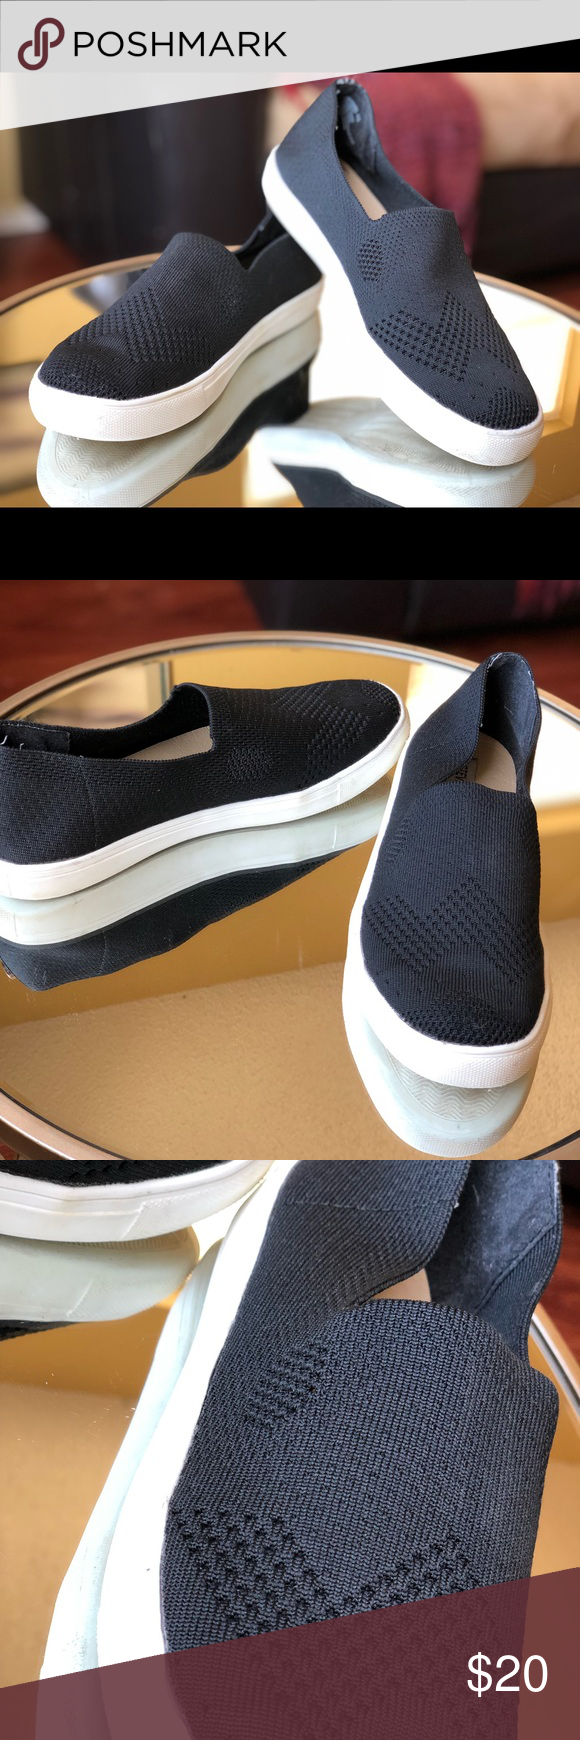 ec2f5e1f07d Steve Madden FRANKEL Women s Steve Madden FRANKEL Black Loafer Size 8.5 Steve  Madden Shoes